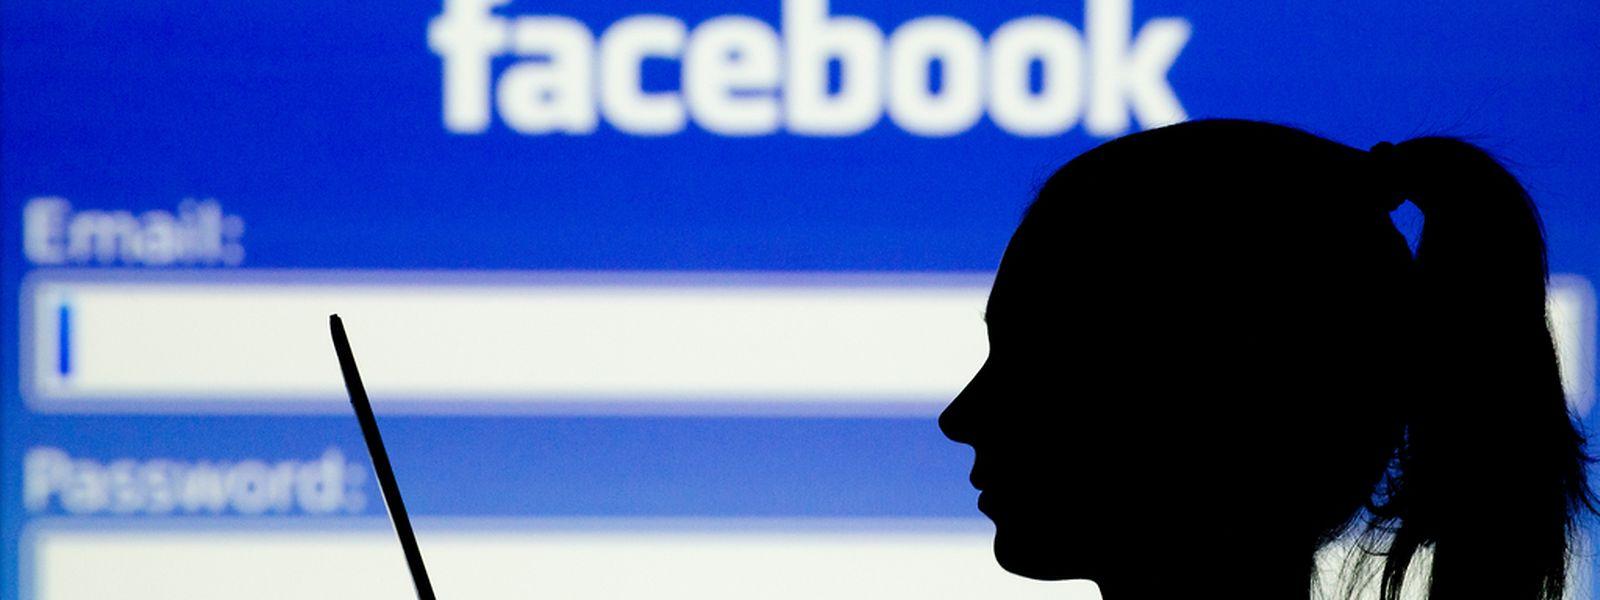 Facebook ändert seine Nutzungsbedingungen. Wer sich ab dem 30. Januar 2015 anmeldet, stimmt ihnen zu. Der einzig mögliche Widerspruch dagegen ist die Abmeldung.